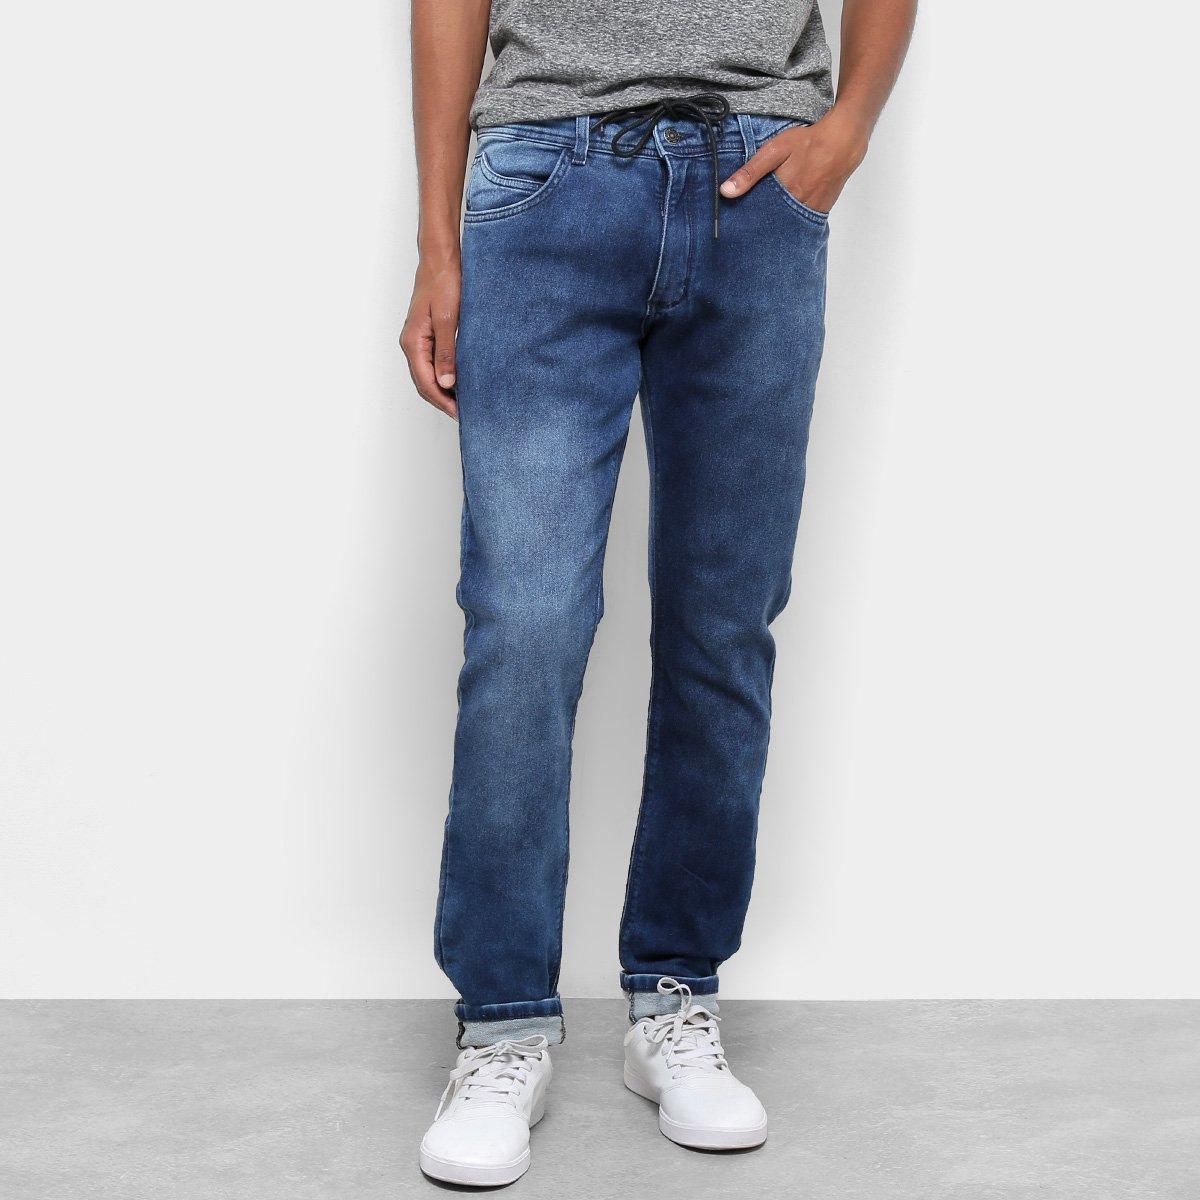 Calça Jeans Rip Curl Confort Used